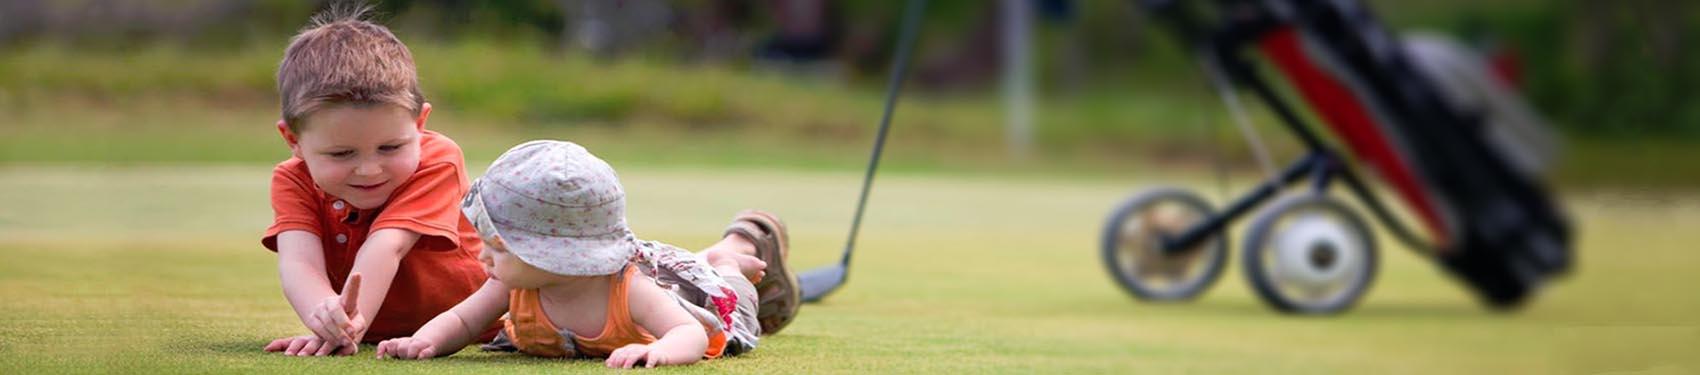 designer-baby-golf-gifts-hmpgbnnr